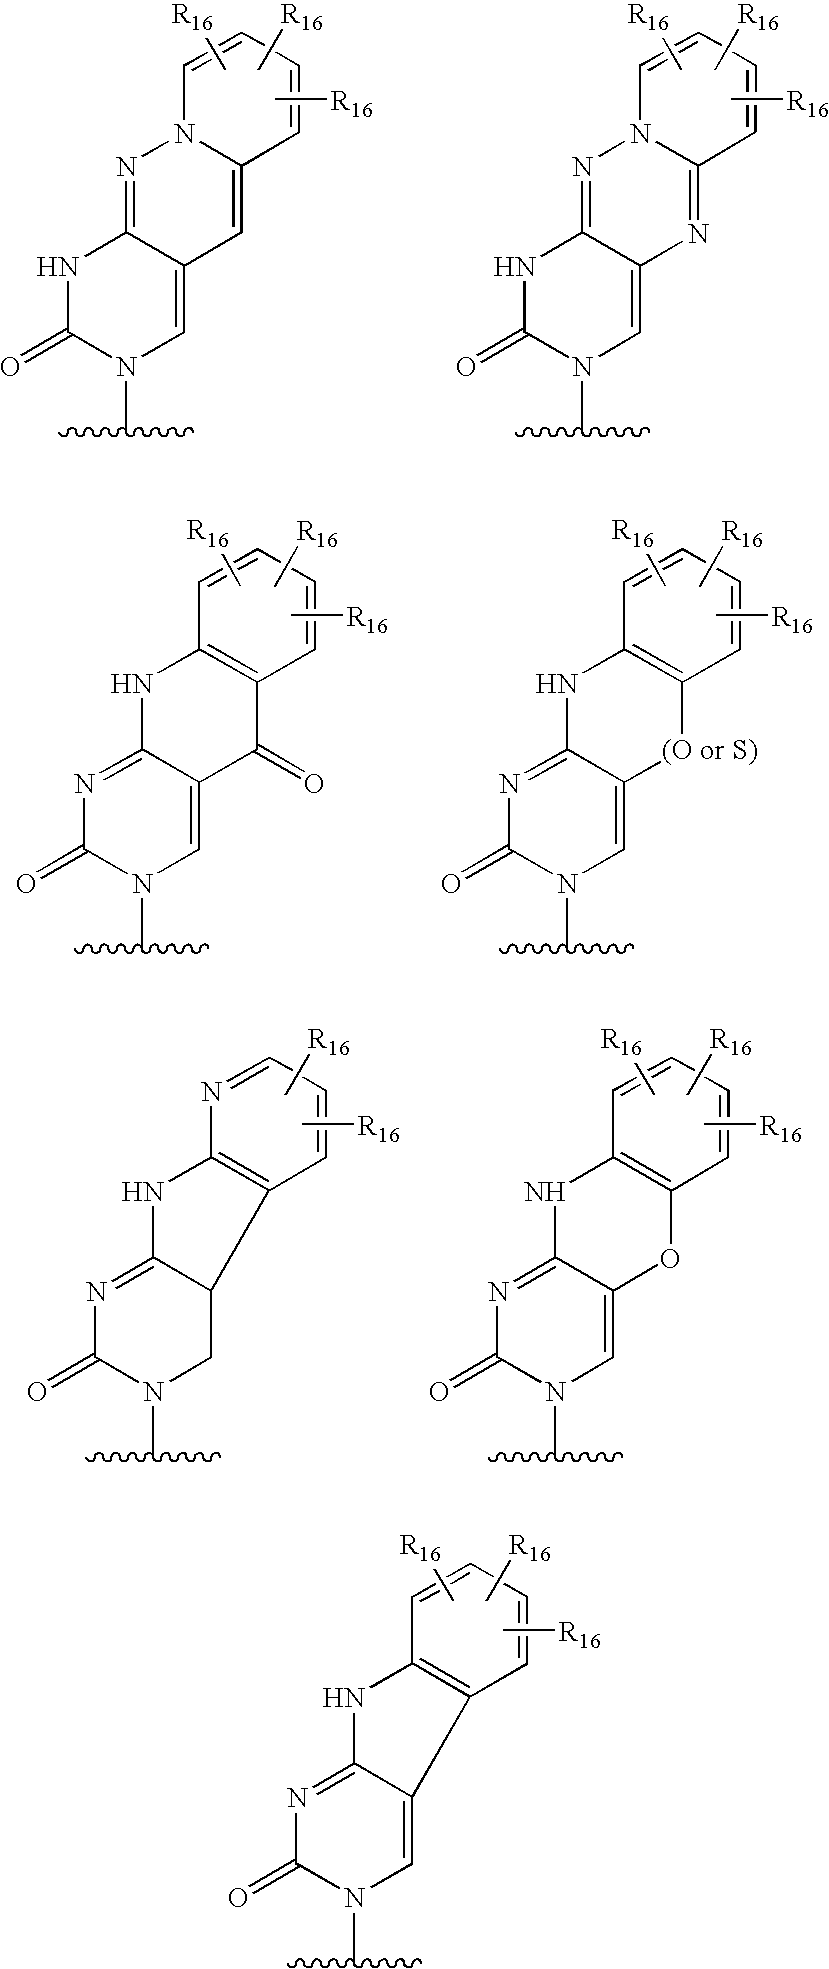 Figure US07002006-20060221-C00035